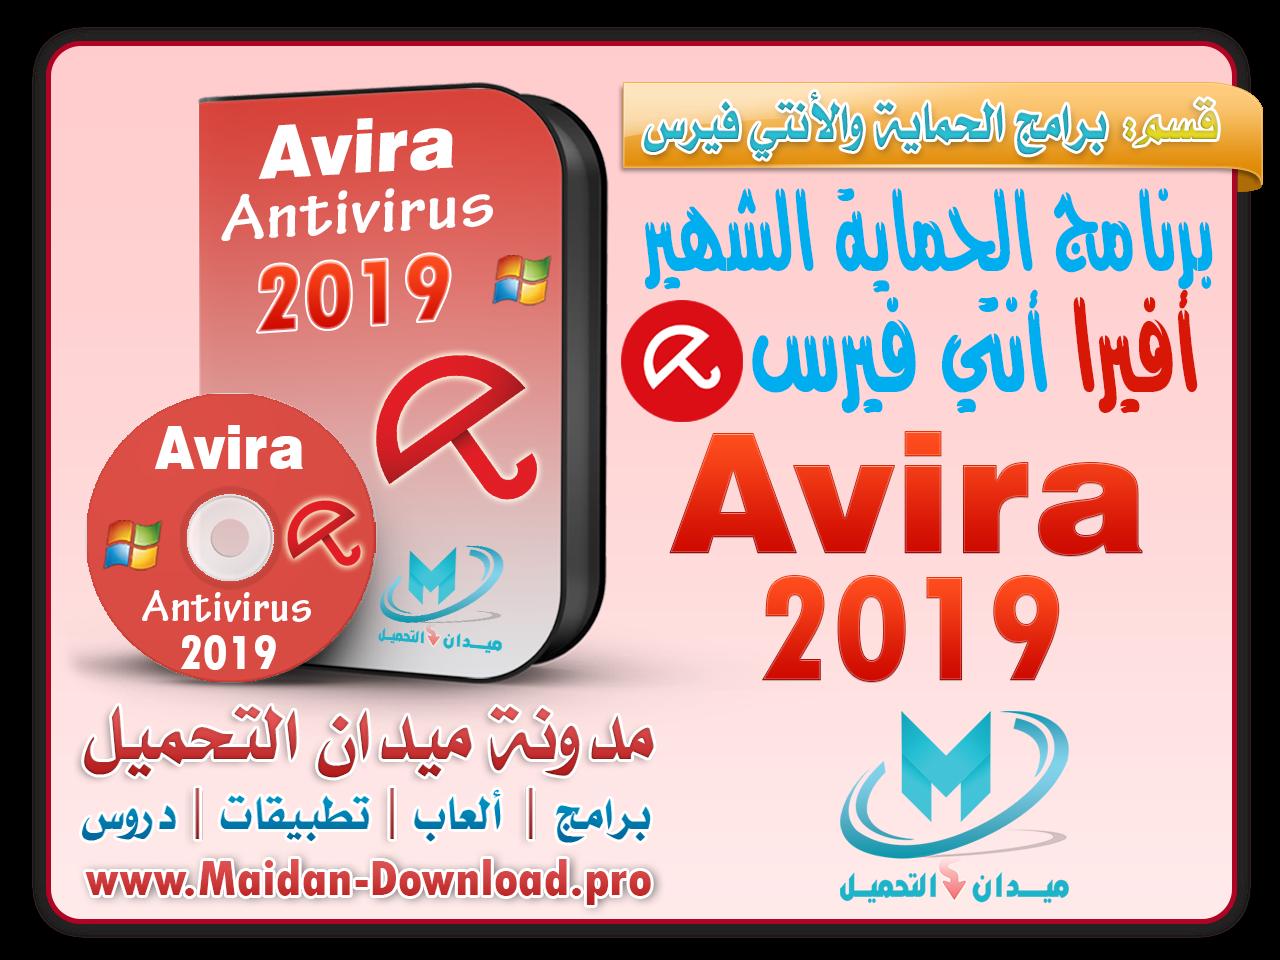 ميدان التحميل تحميل برنامج أفيرا انتي فيرس 2019 Download